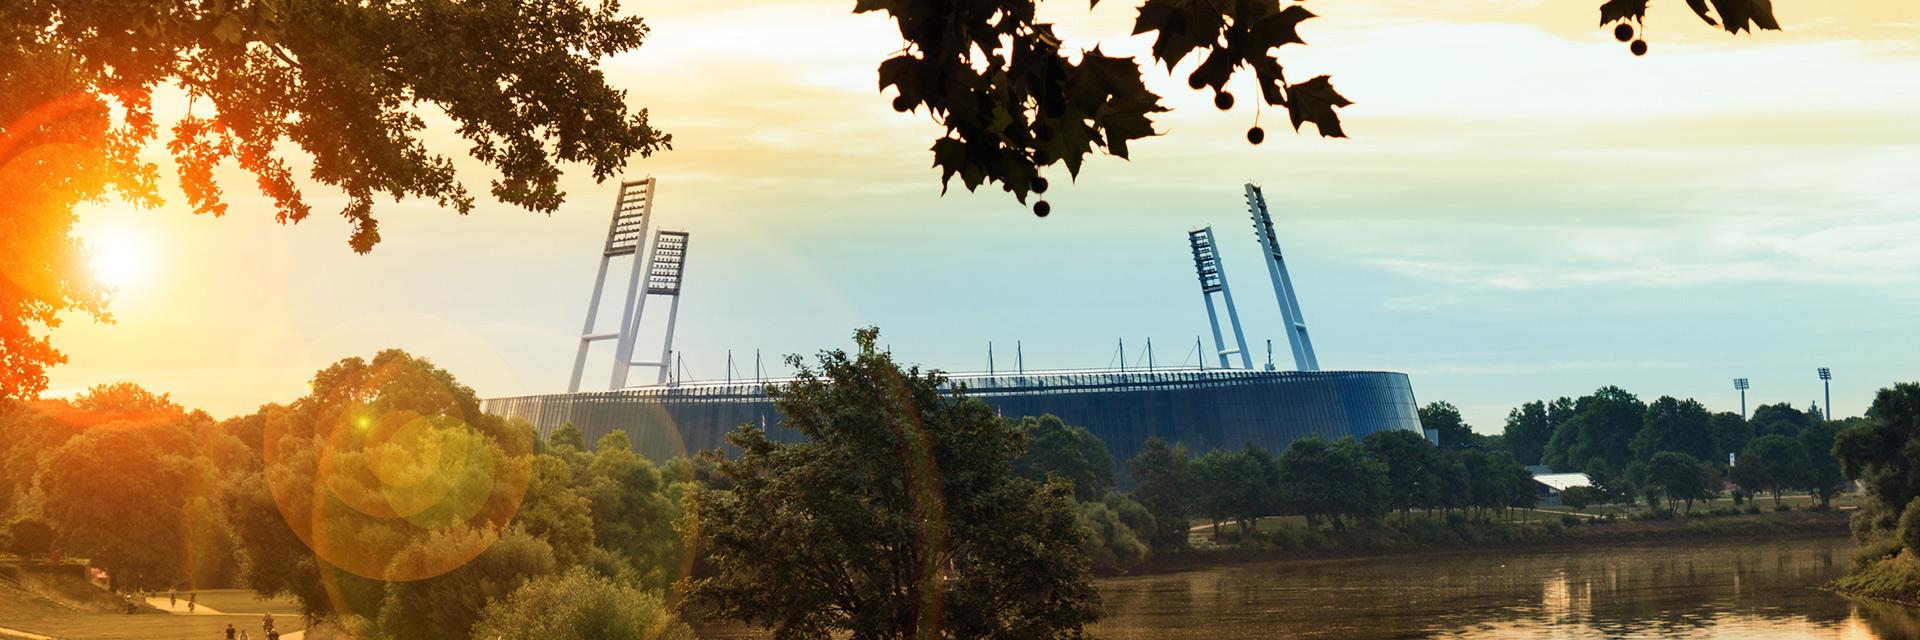 Das Weserstadion Bremen, Spielstätte des SV Werder Bremen